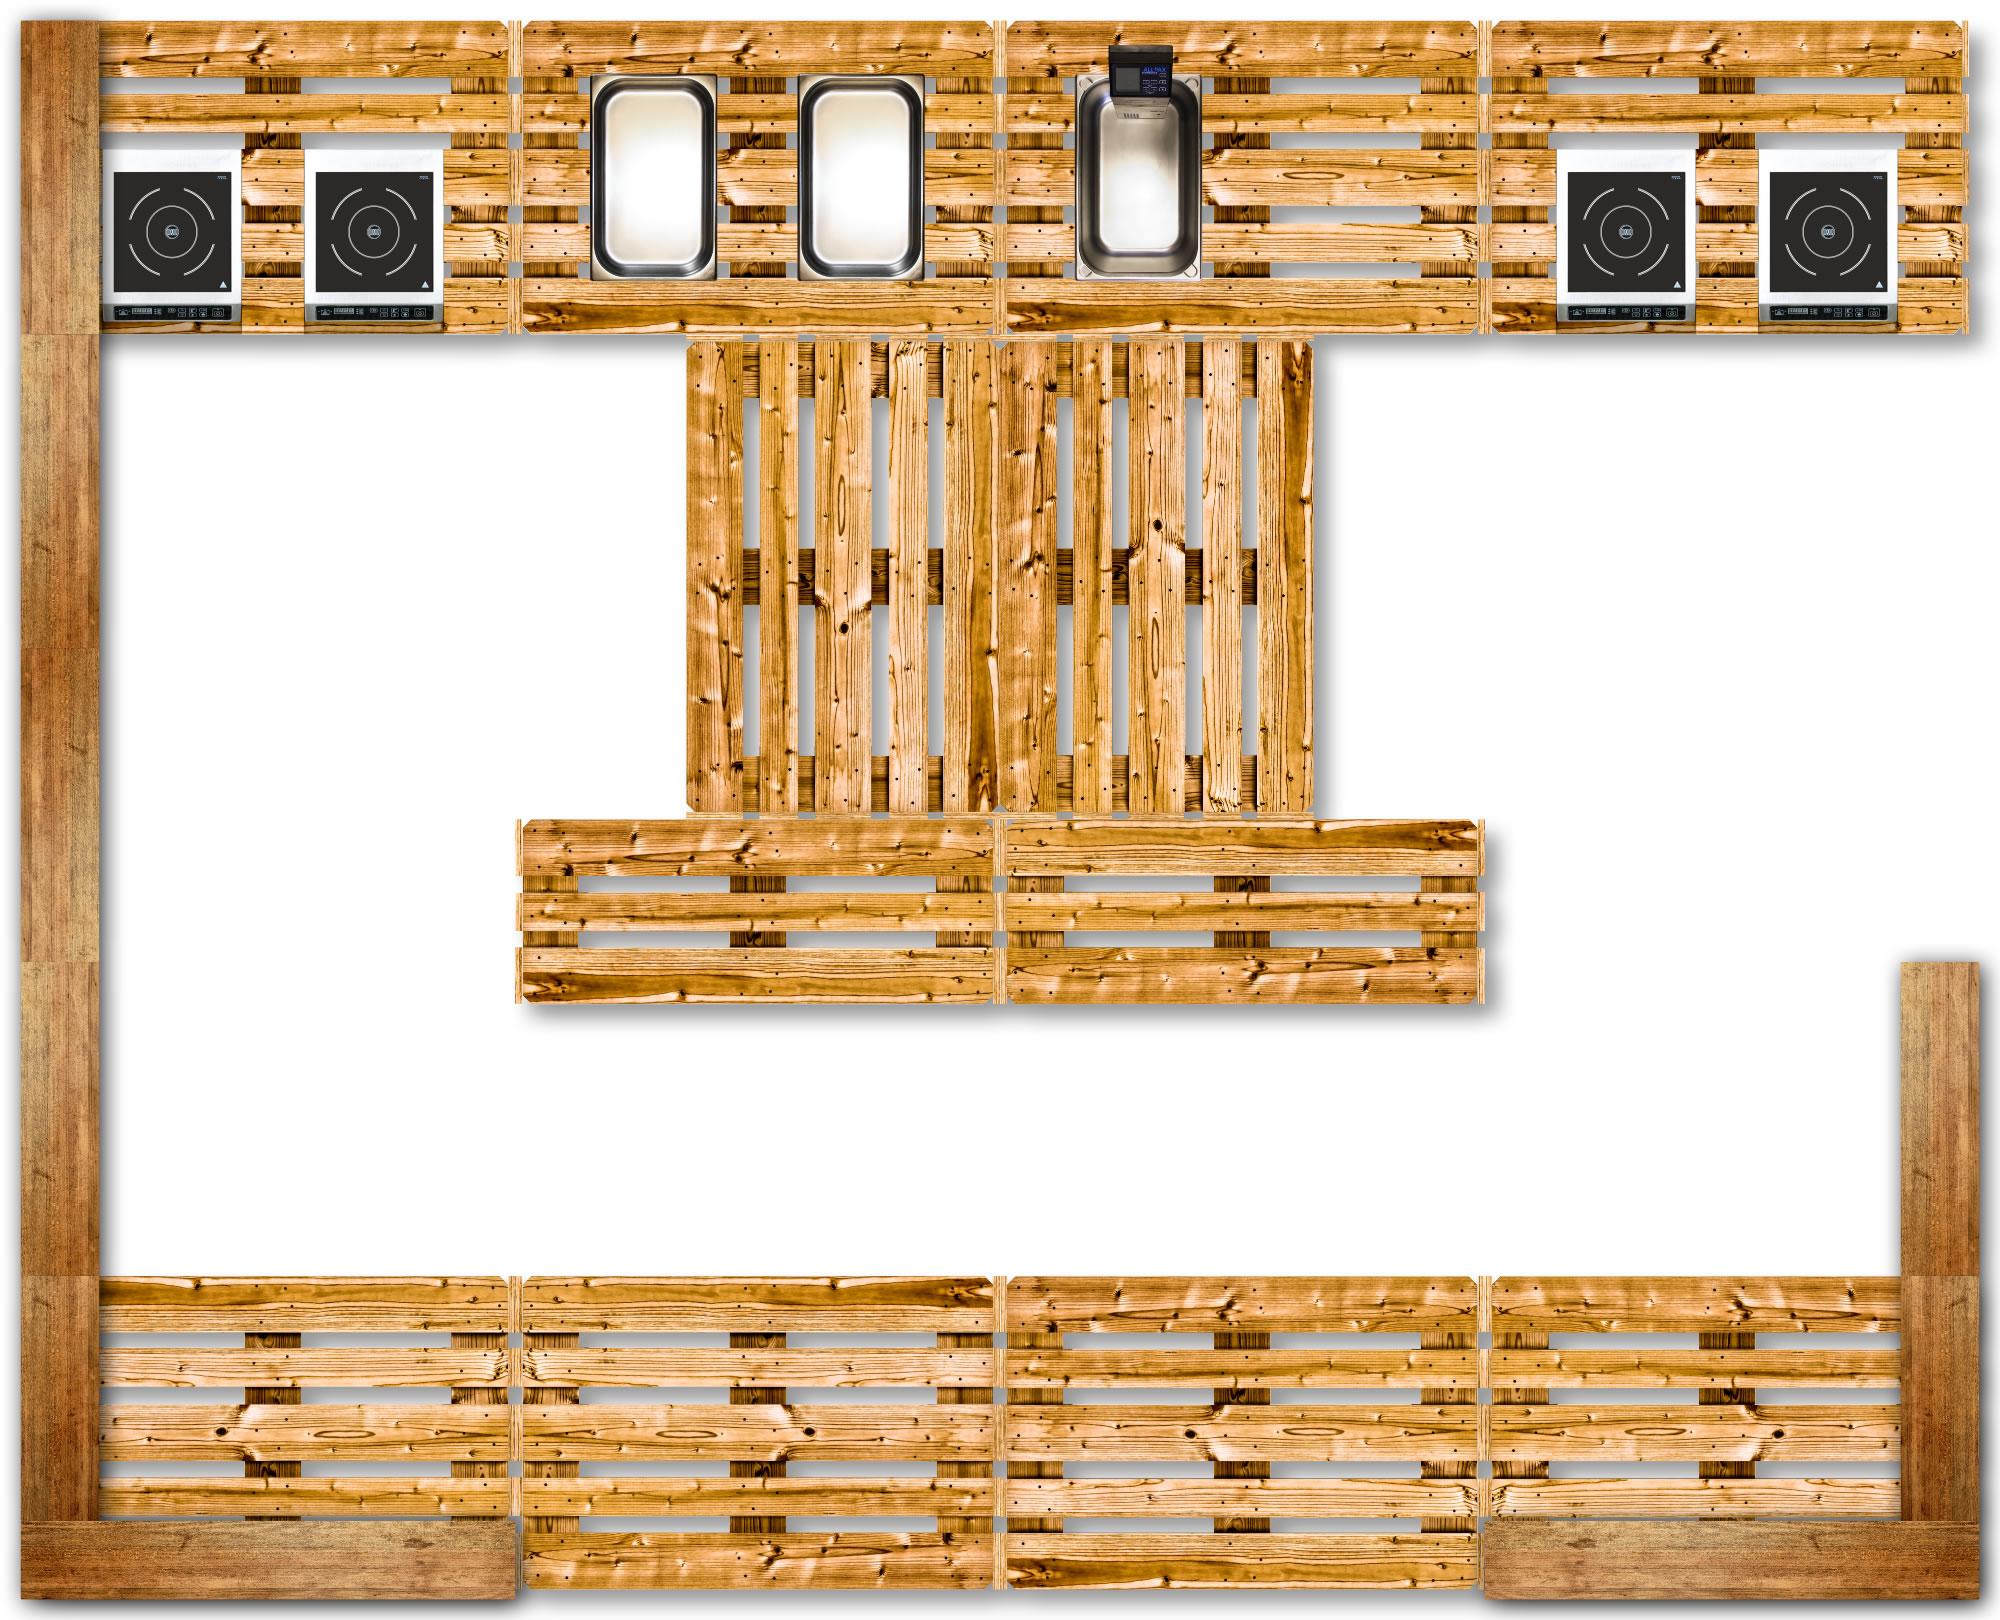 Full Size of Küche Aus Paletten Crazywoodz Kchen Mbel Wohnzimmer Landhausstil Anrichte Nolte Regal Laminat Für Mintgrün Grifflose Wandregal Landhaus Scheibengardinen Wohnzimmer Küche Aus Paletten